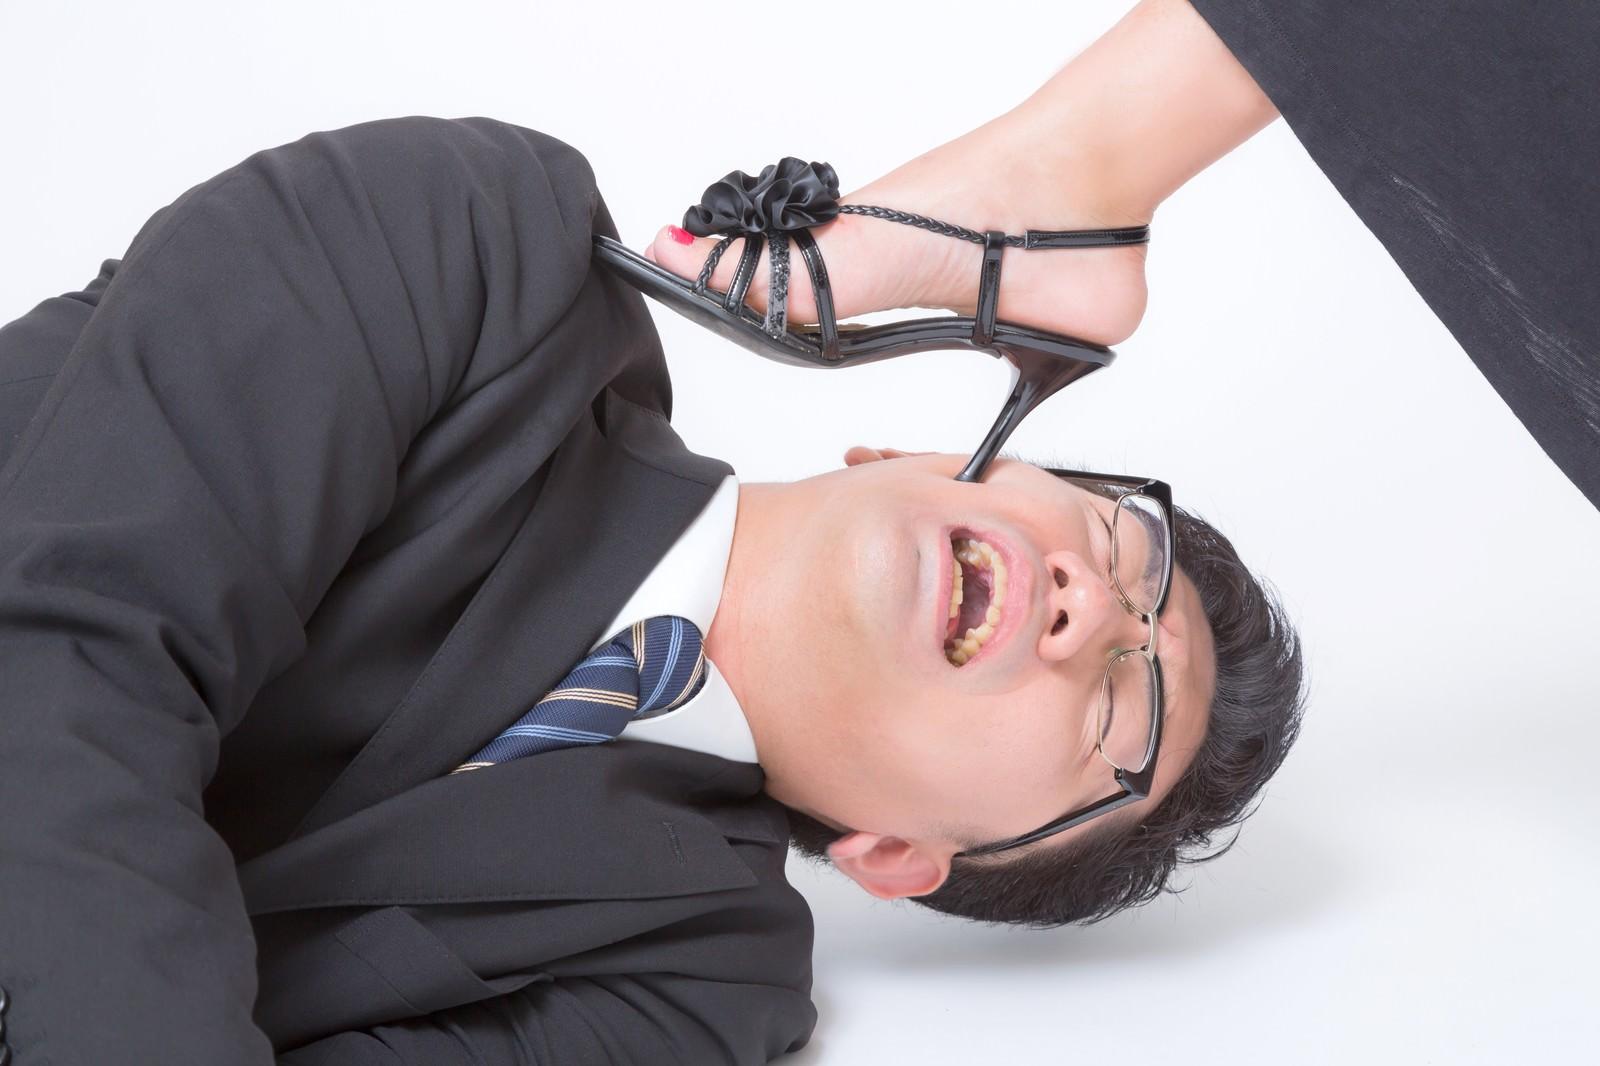 「寝落ちしている社員を踏みつけて起こす寝落ちしている社員を踏みつけて起こす」[モデル:OZPA]のフリー写真素材を拡大